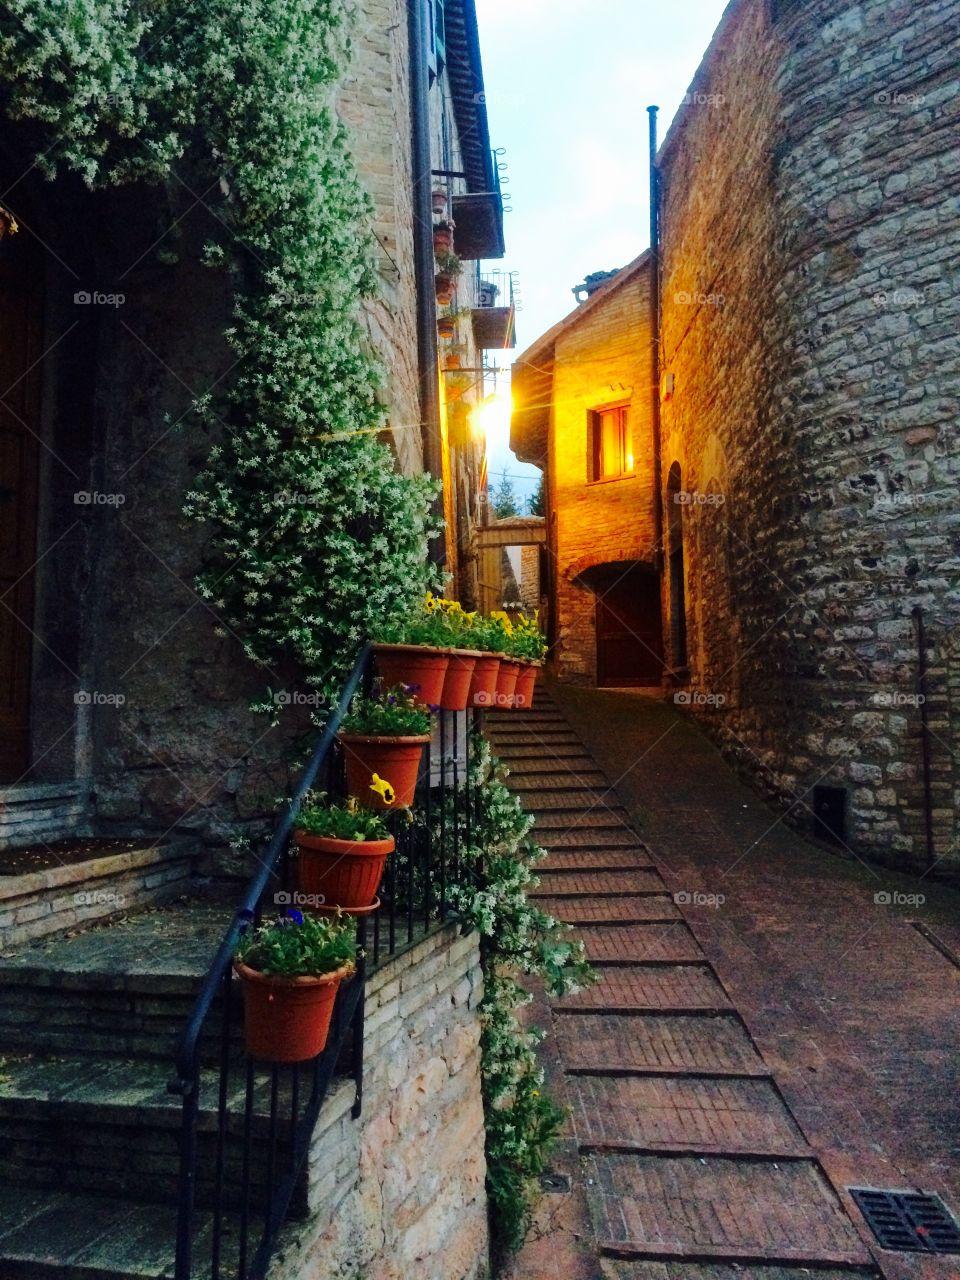 Borgo - Italy